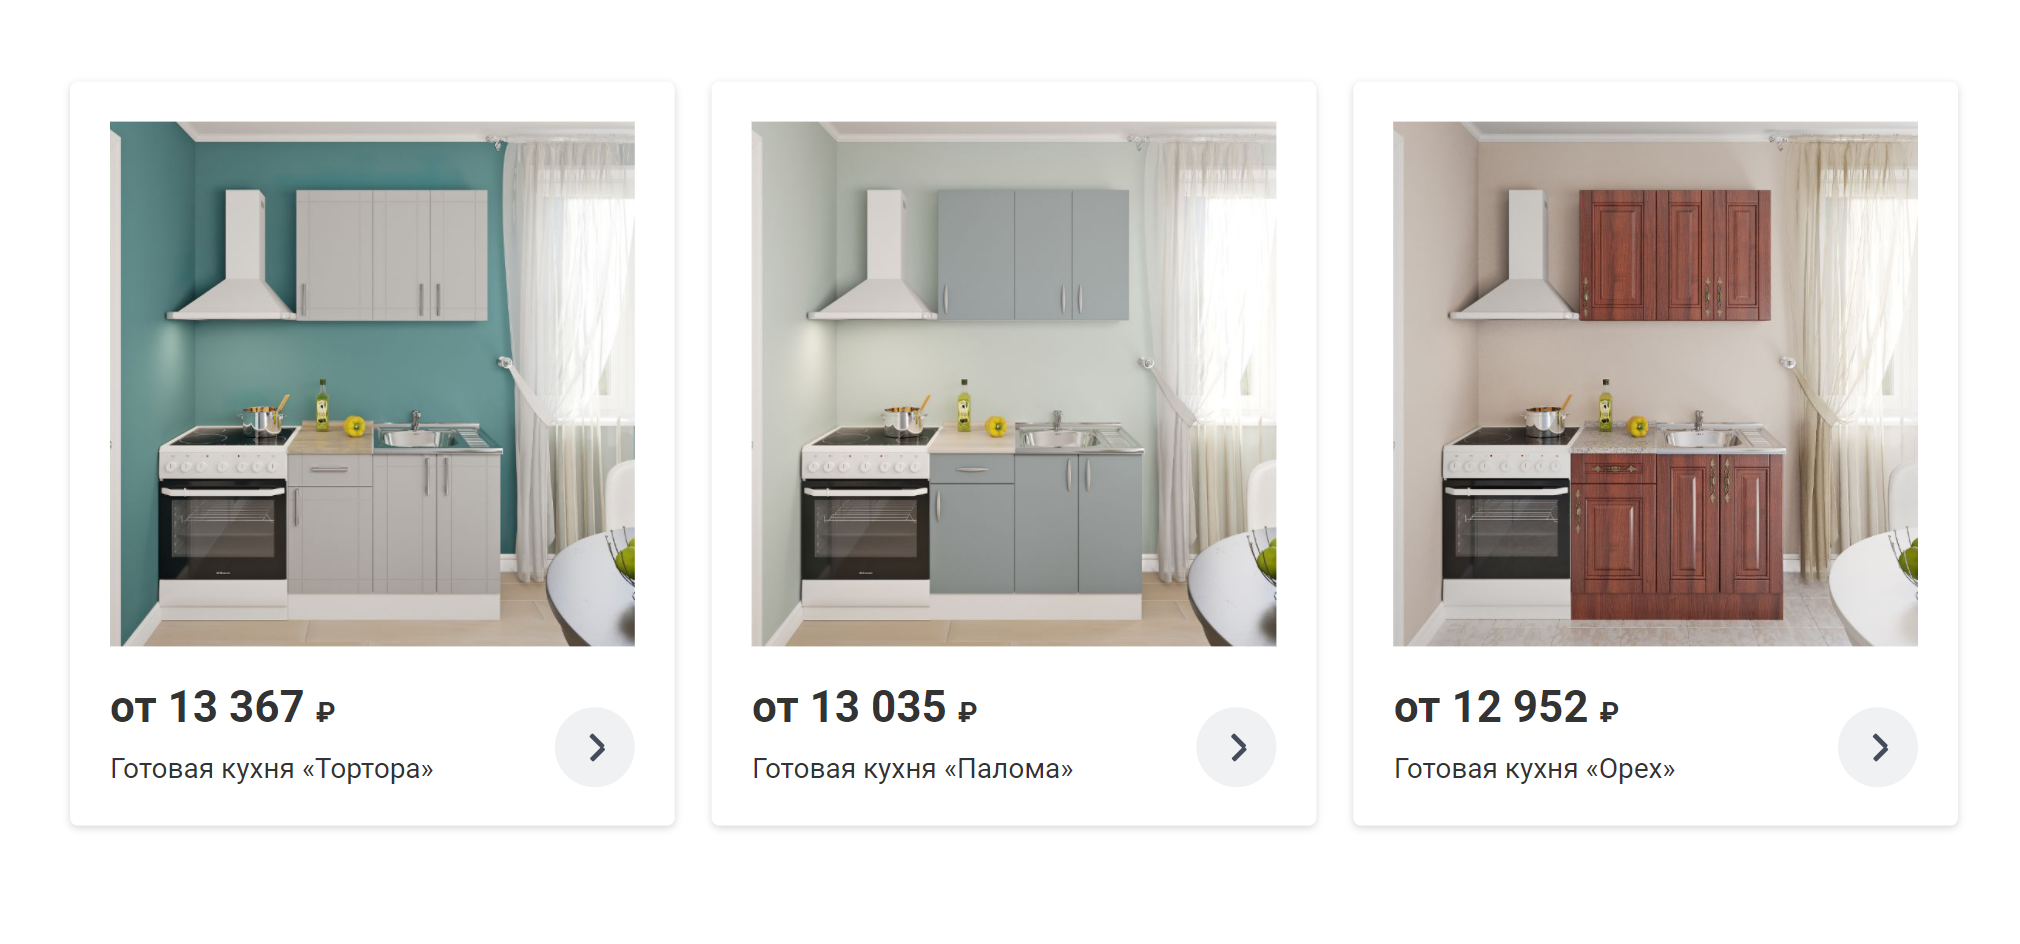 Вот такие готовые варианты кухонь можно купить в«Леруа Мерлене». Нам они неподошли